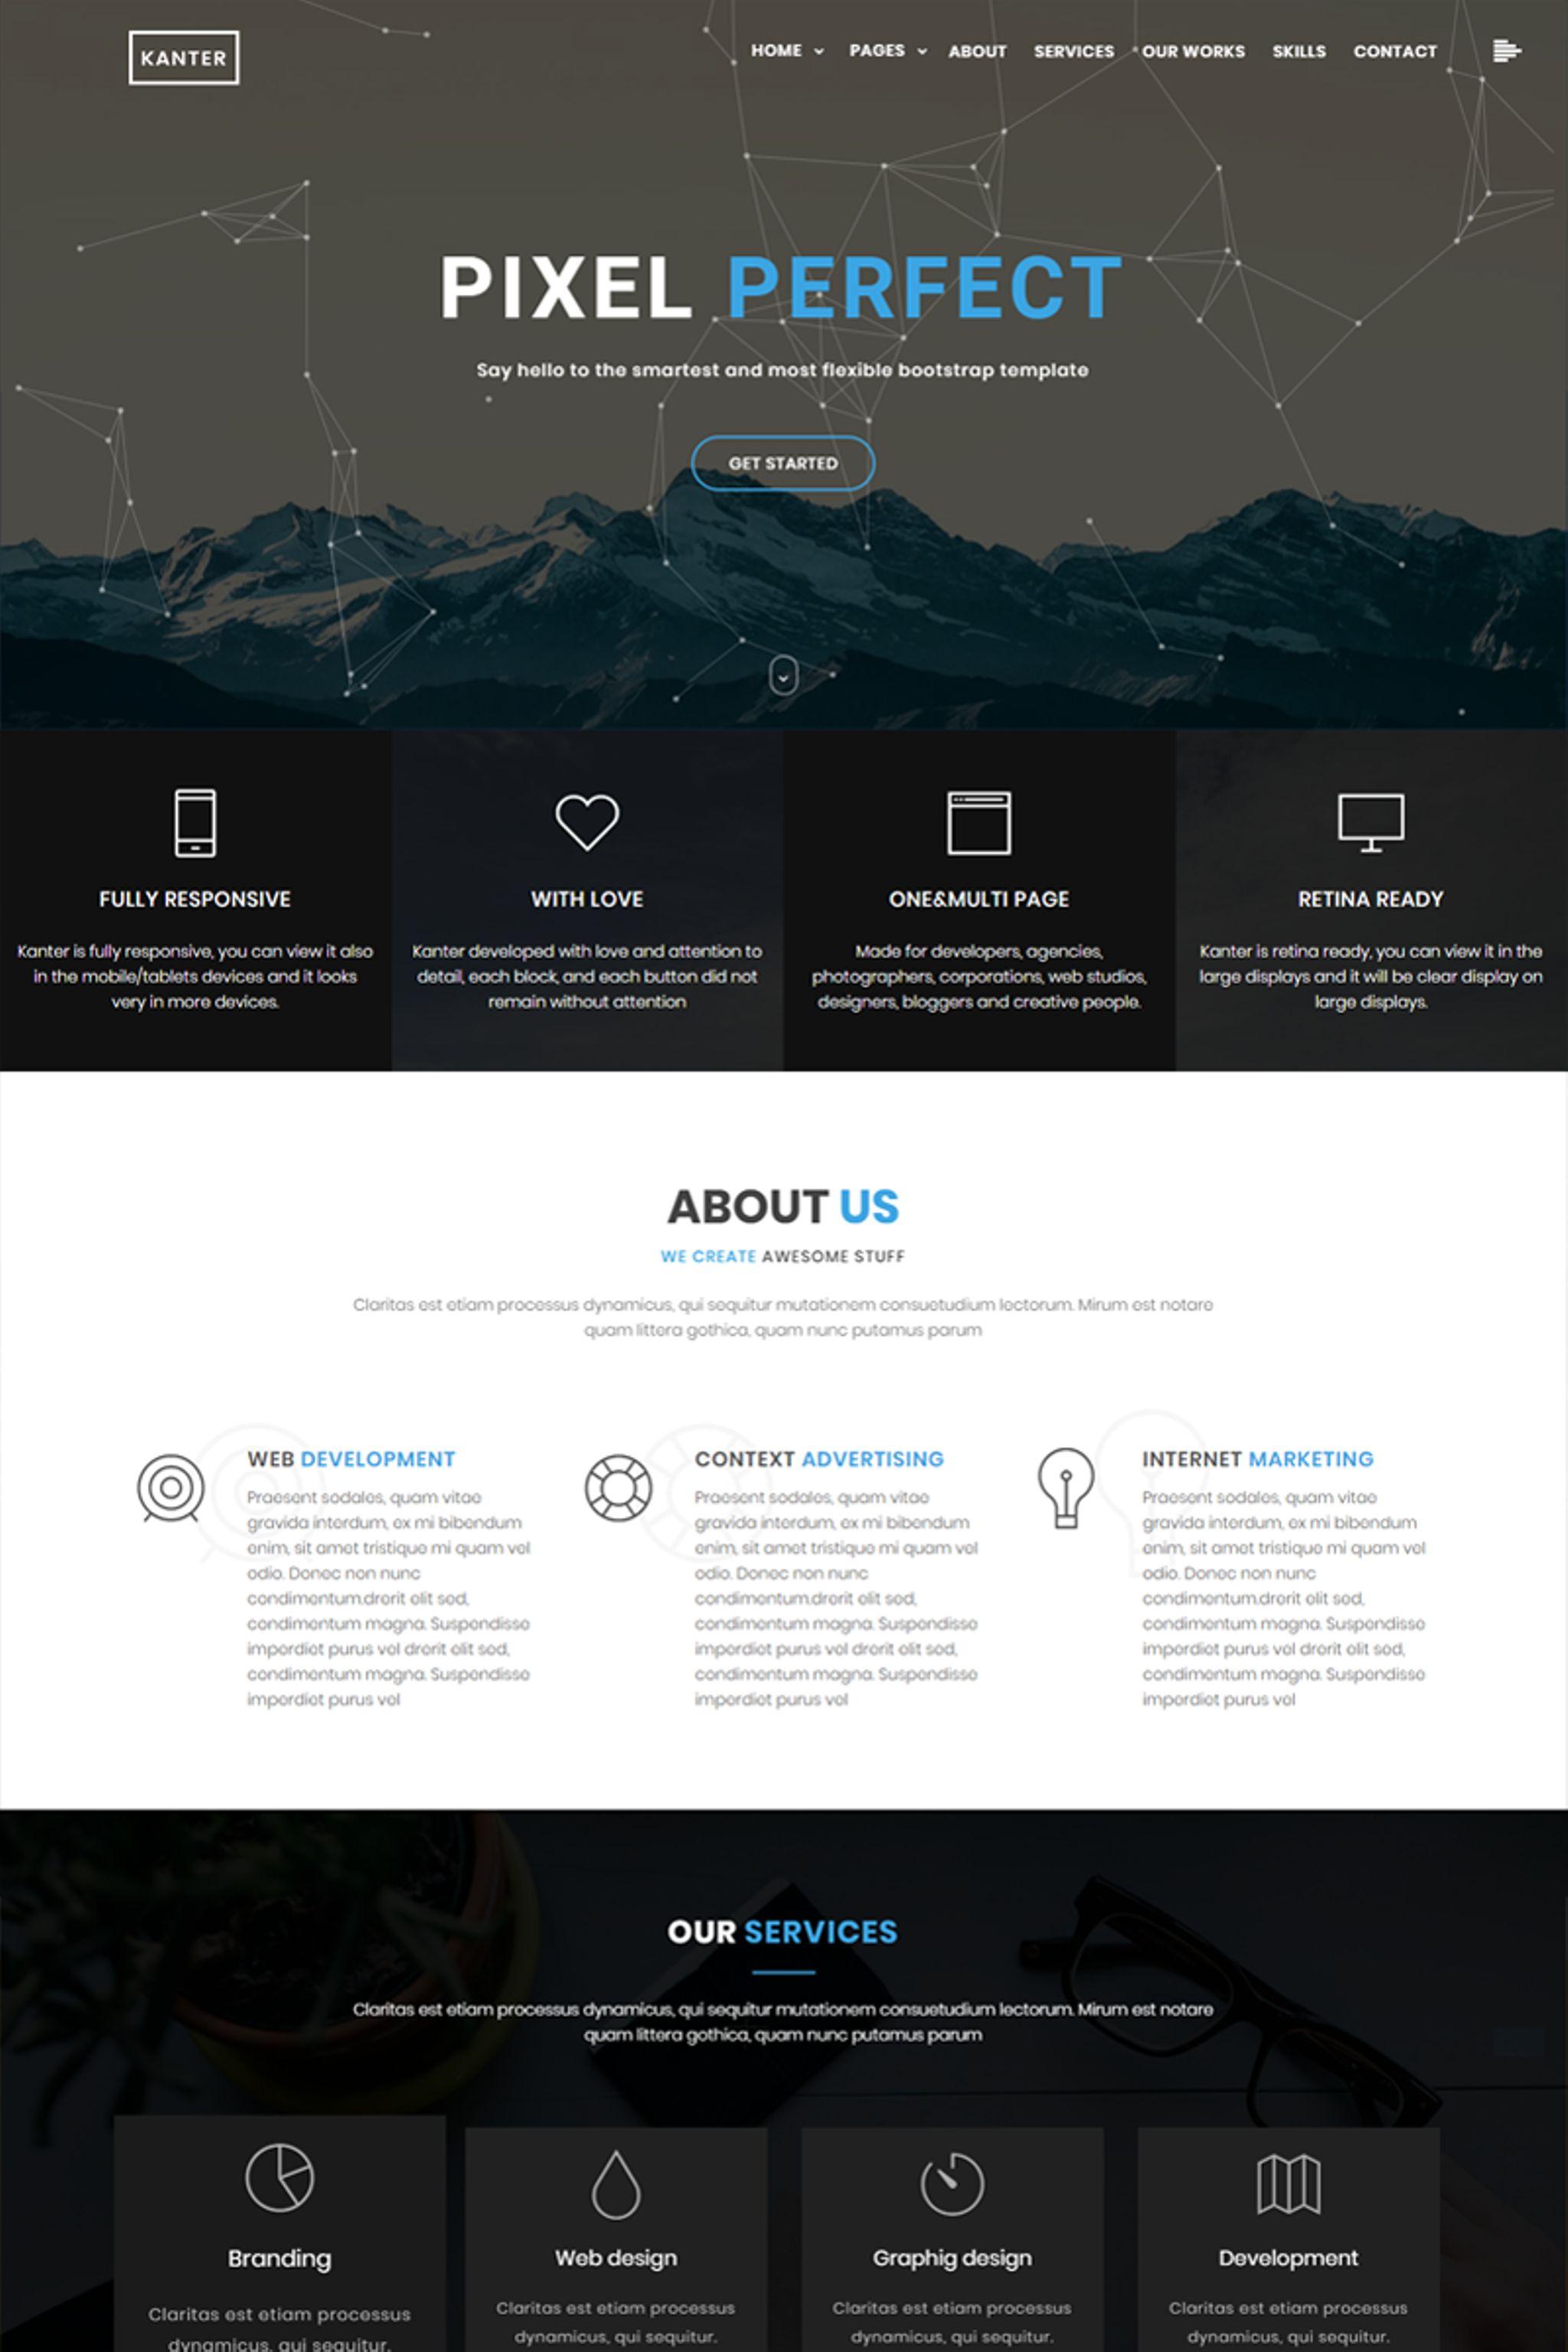 Responsywny szablon strony www Kanter - Creative Responsive Minimalistic HTML #65438